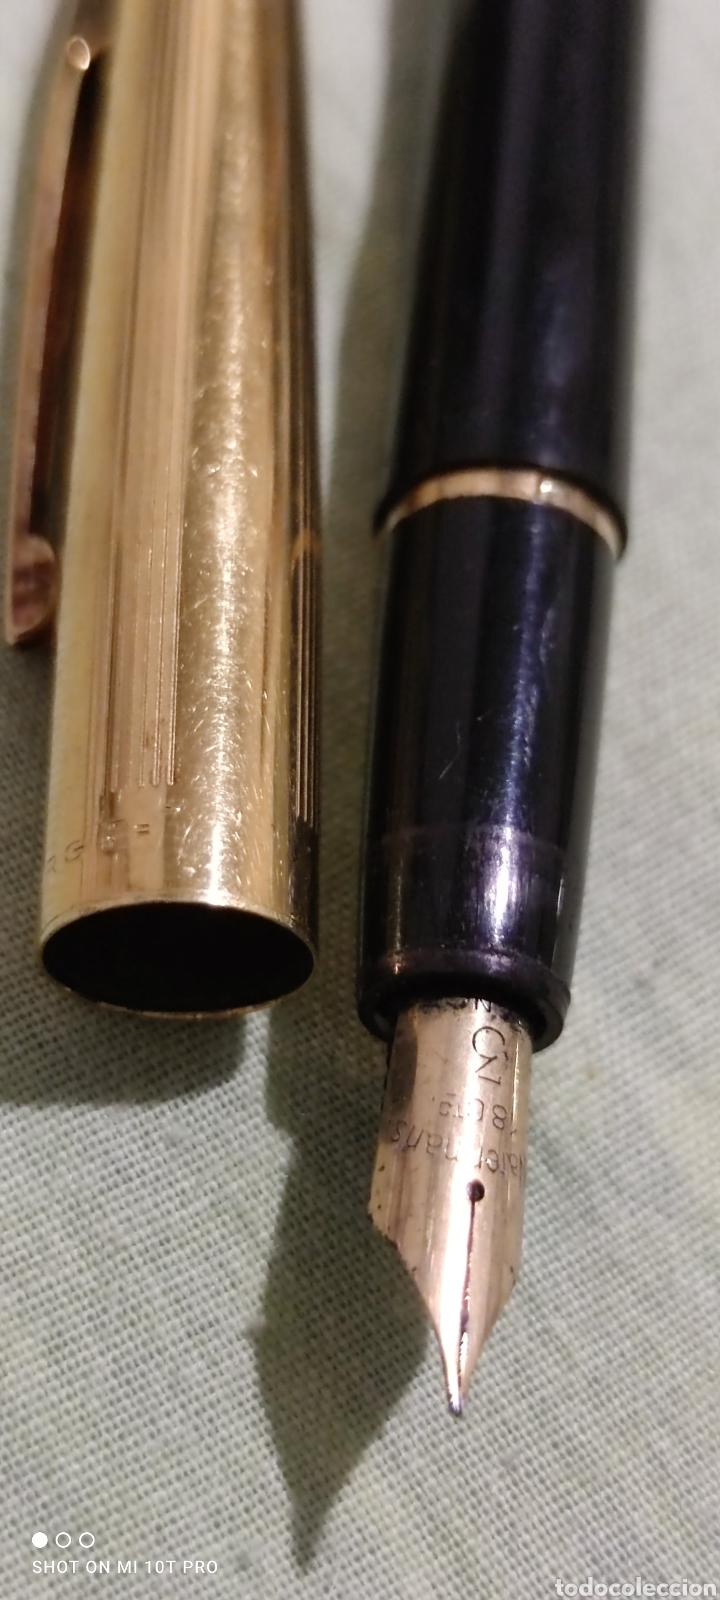 Plumas estilográficas antiguas: Pluma Waterman - Foto 2 - 293662468